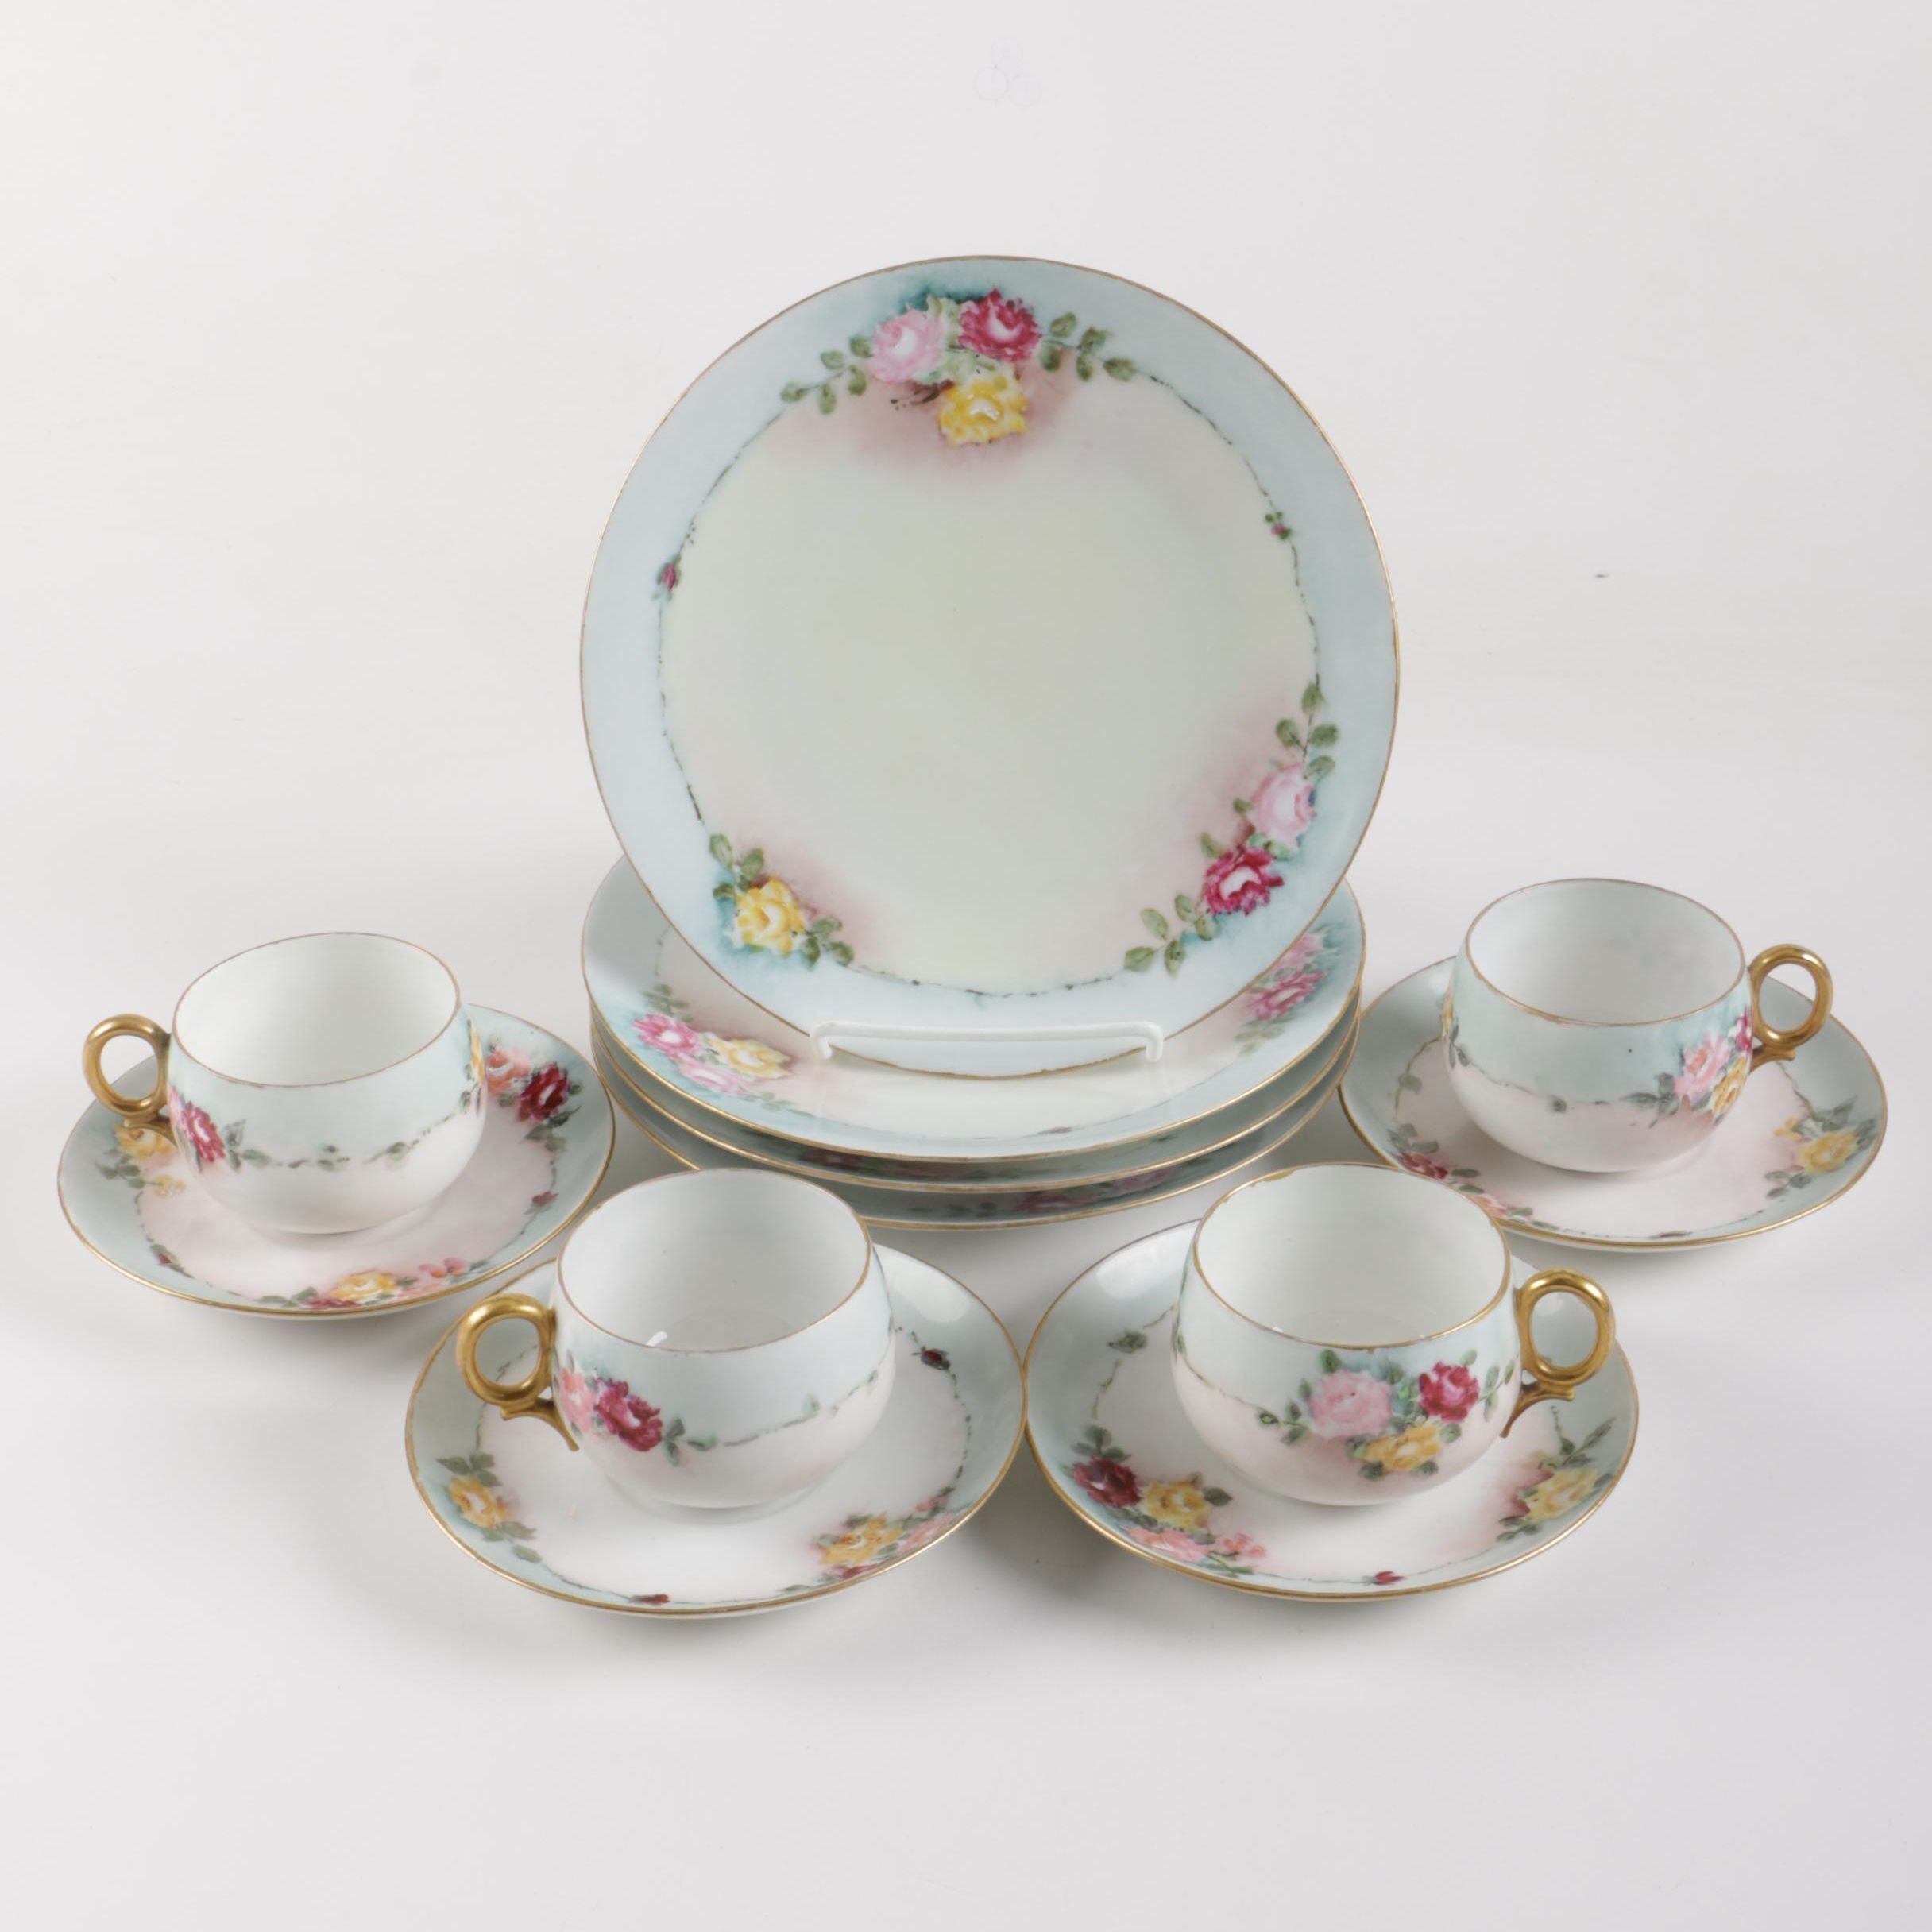 Hobbyist Hand-Painted Porcelain Dessert Set